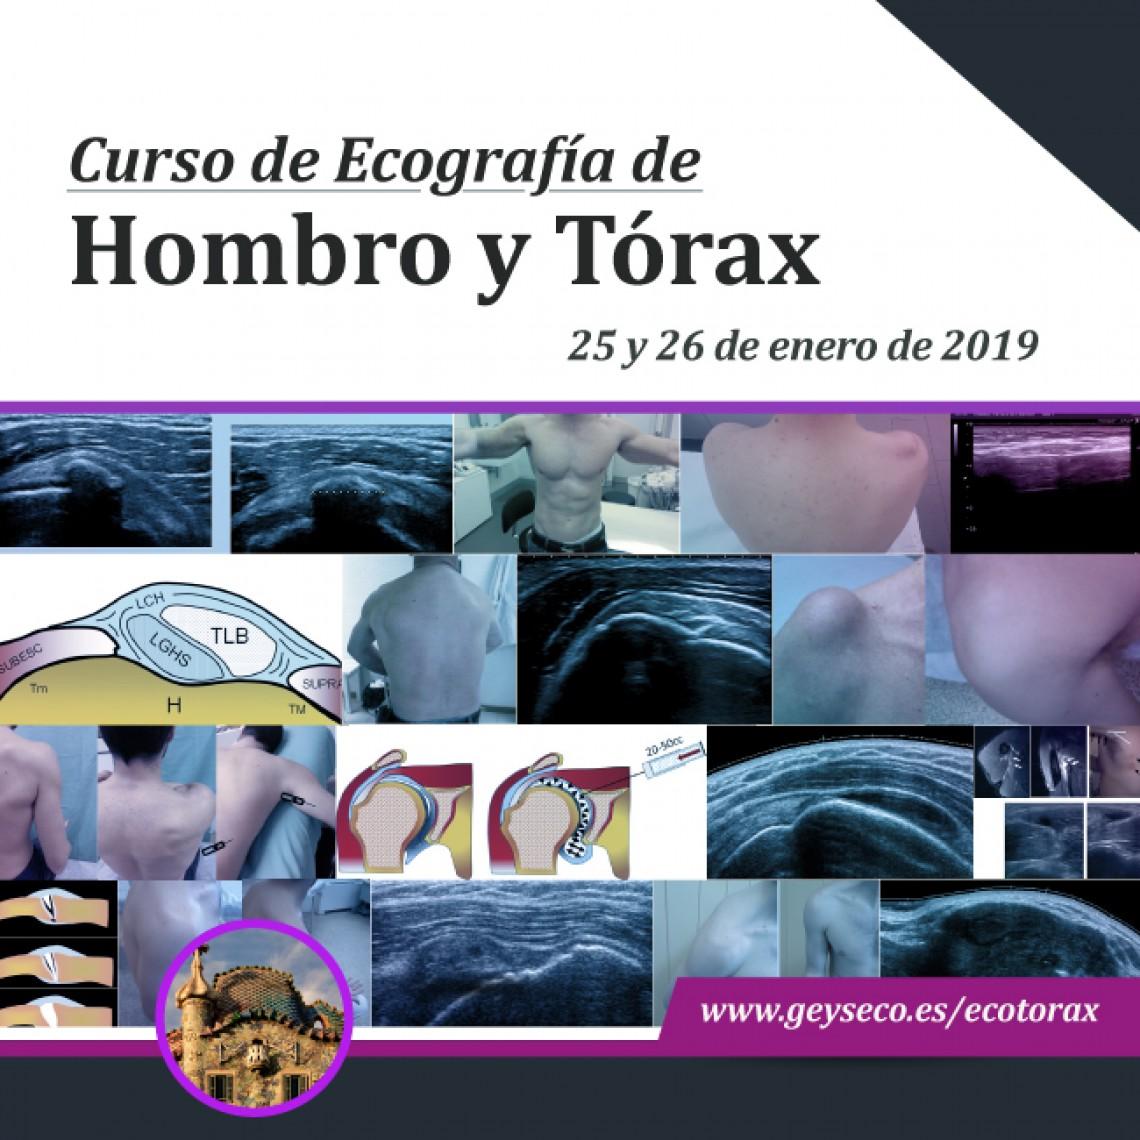 Curso de Ecografía de Hombro y Tórax